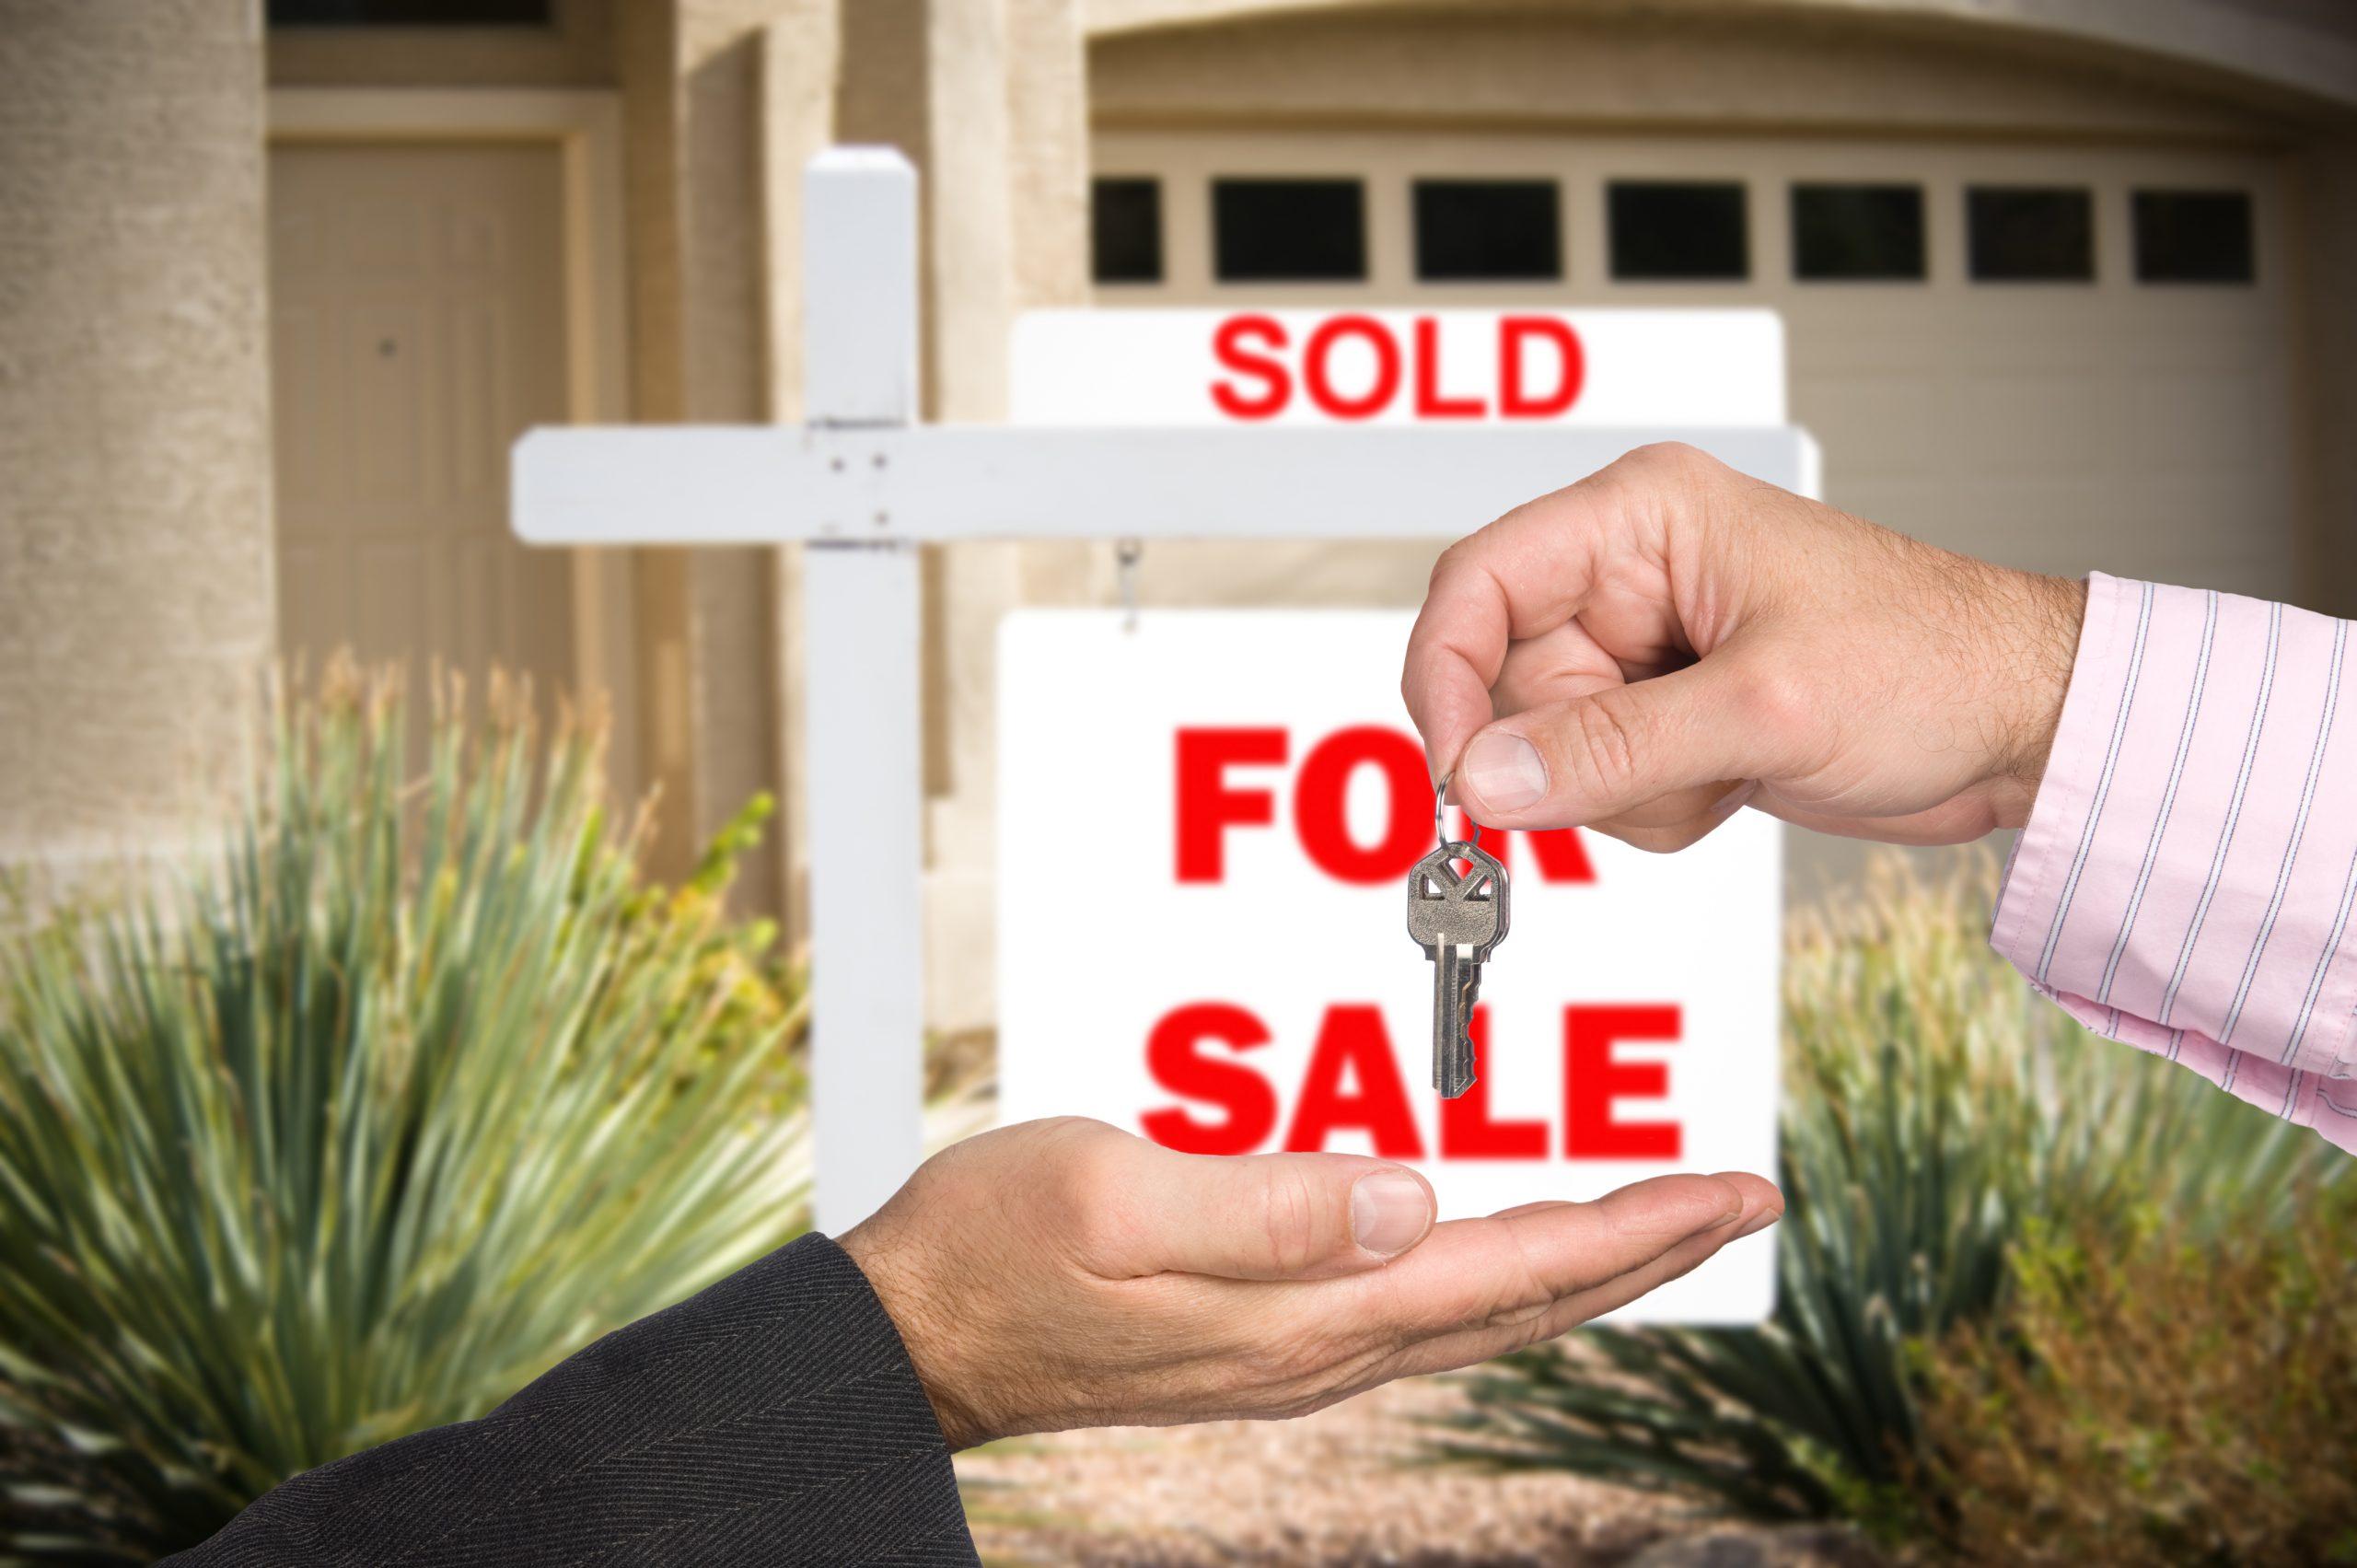 Z czyją pomocą sprzedać mieszkanie w korzystnej dla nas cenie?